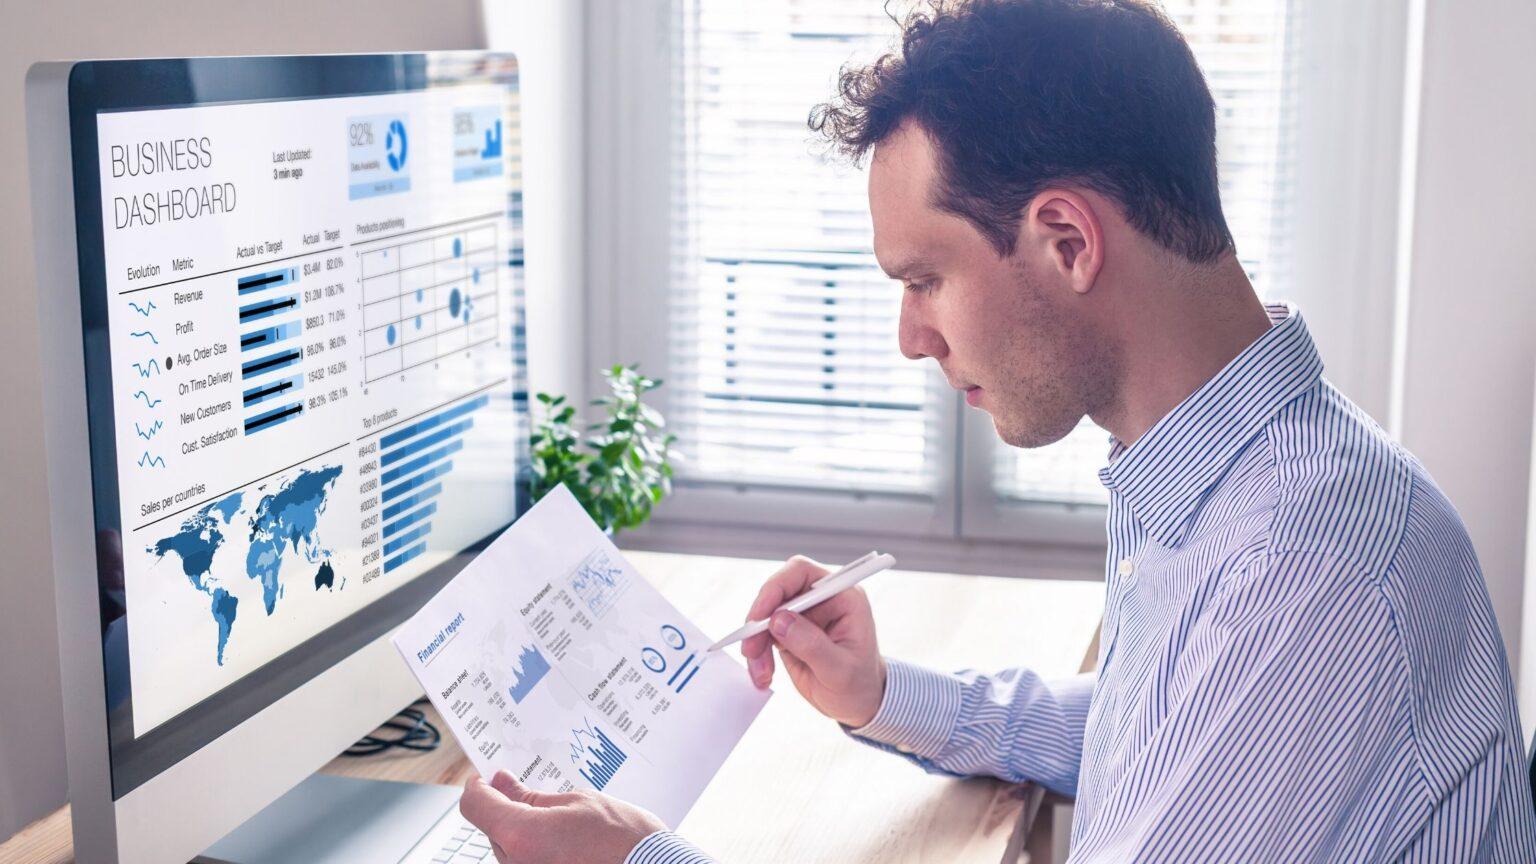 Λογιστικά - Φοροτεχνικά - Αναλύσεις Επιχειρηματικής Ευφυΐας